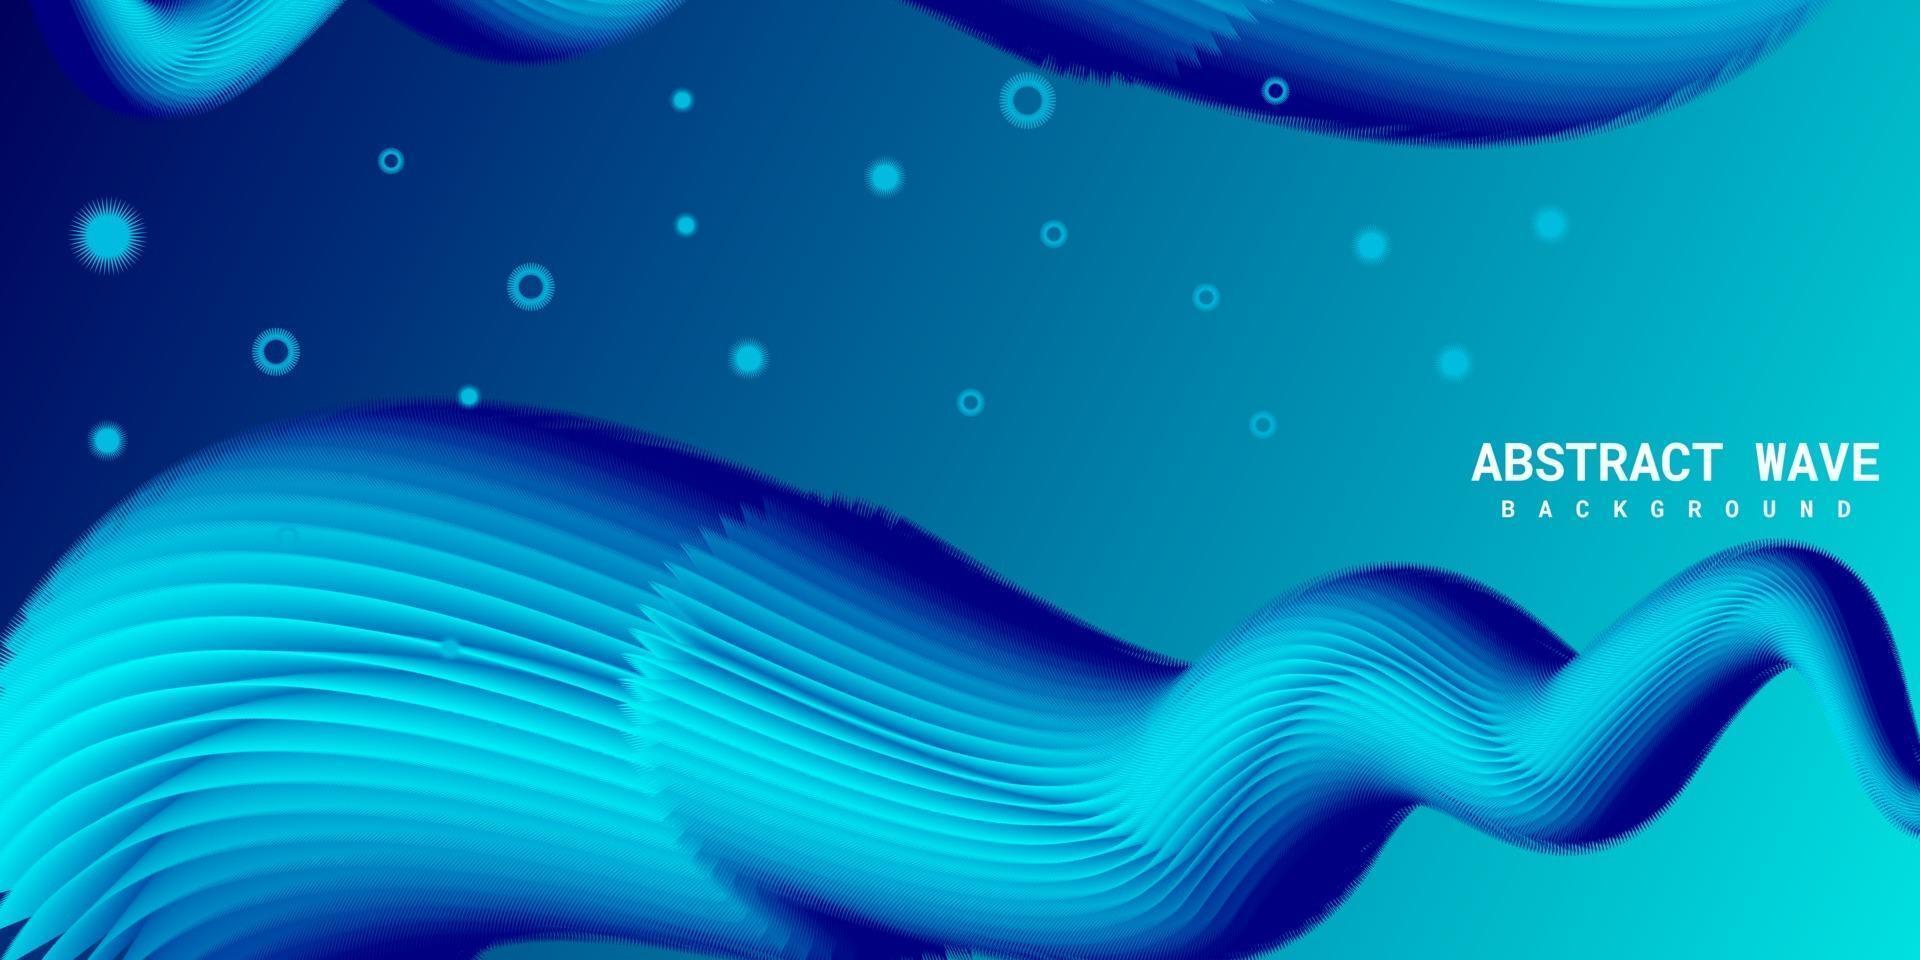 moderner abstrakter flüssiger 3d Hintergrund mit blauem Farbverlauf vektor